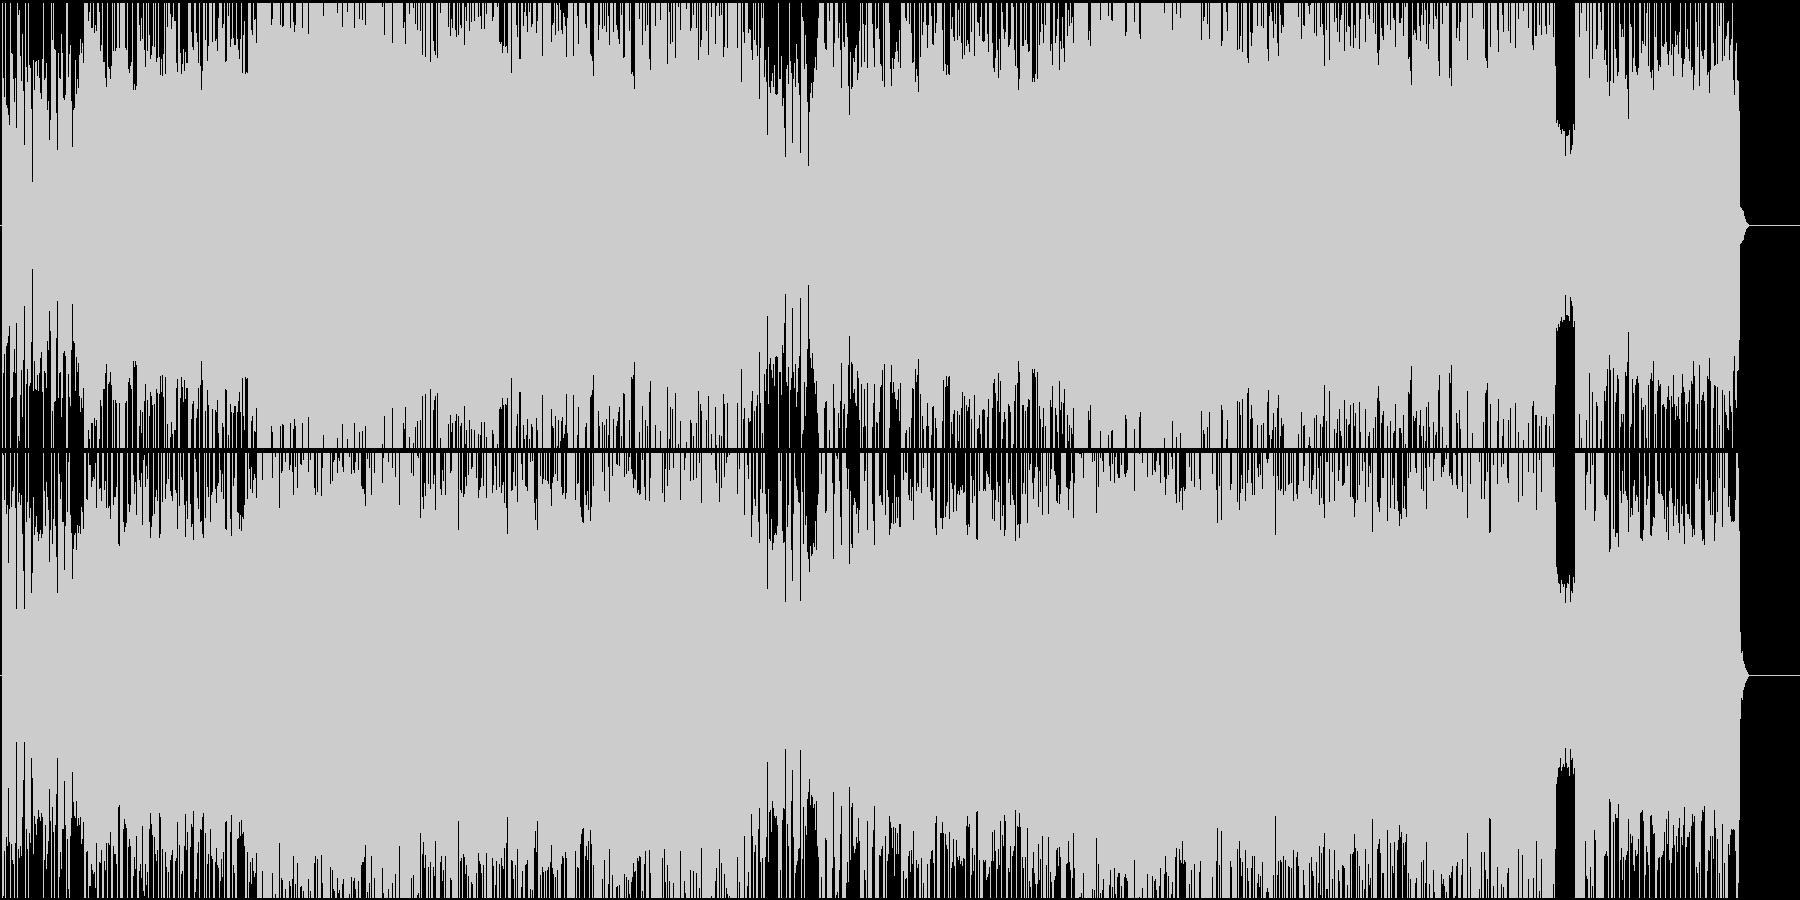 緊迫感のある戦闘BGM(ROCK)の未再生の波形